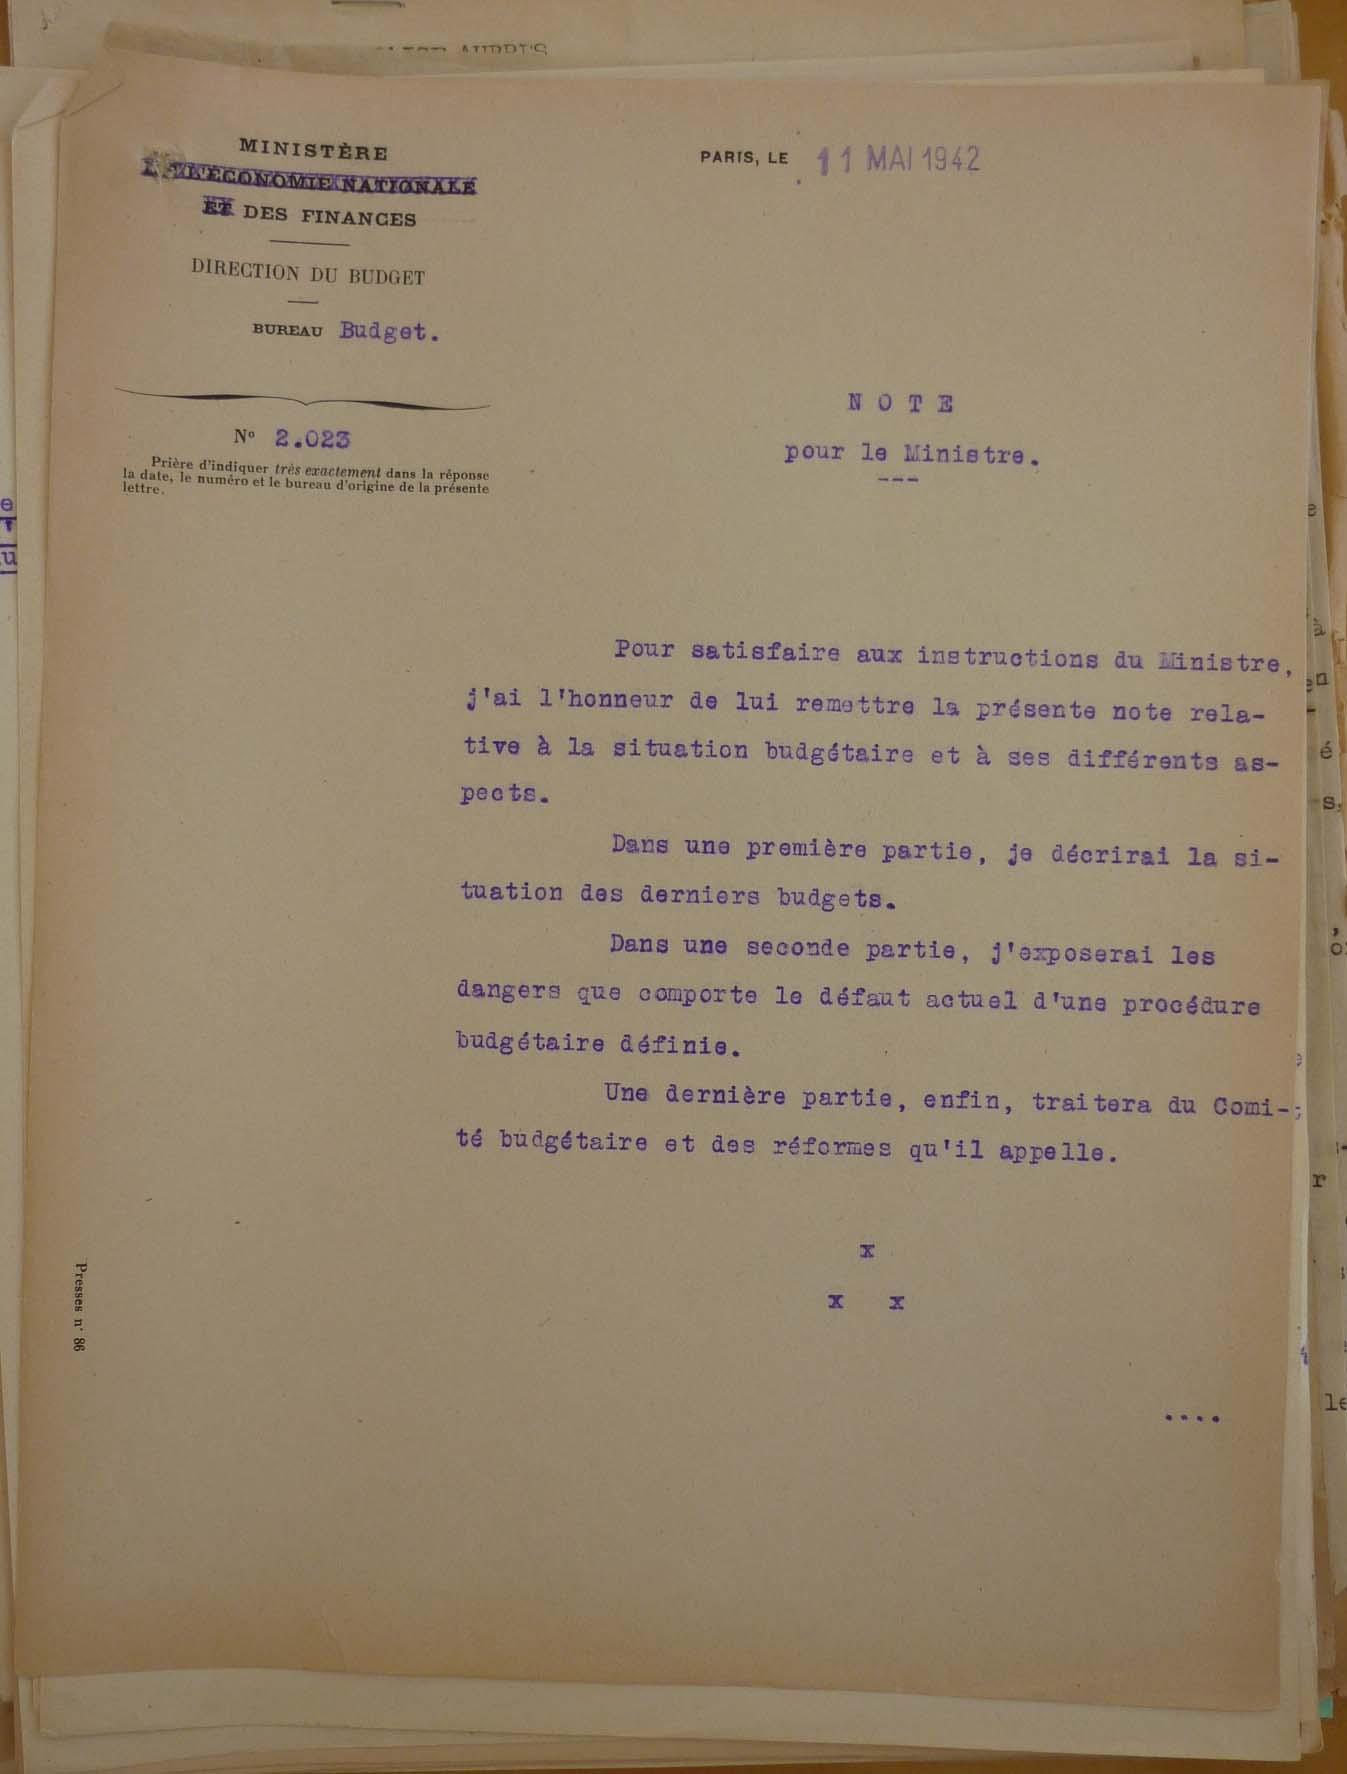 Comment Citer Un Document D Archives Une These Ou Un Memoire